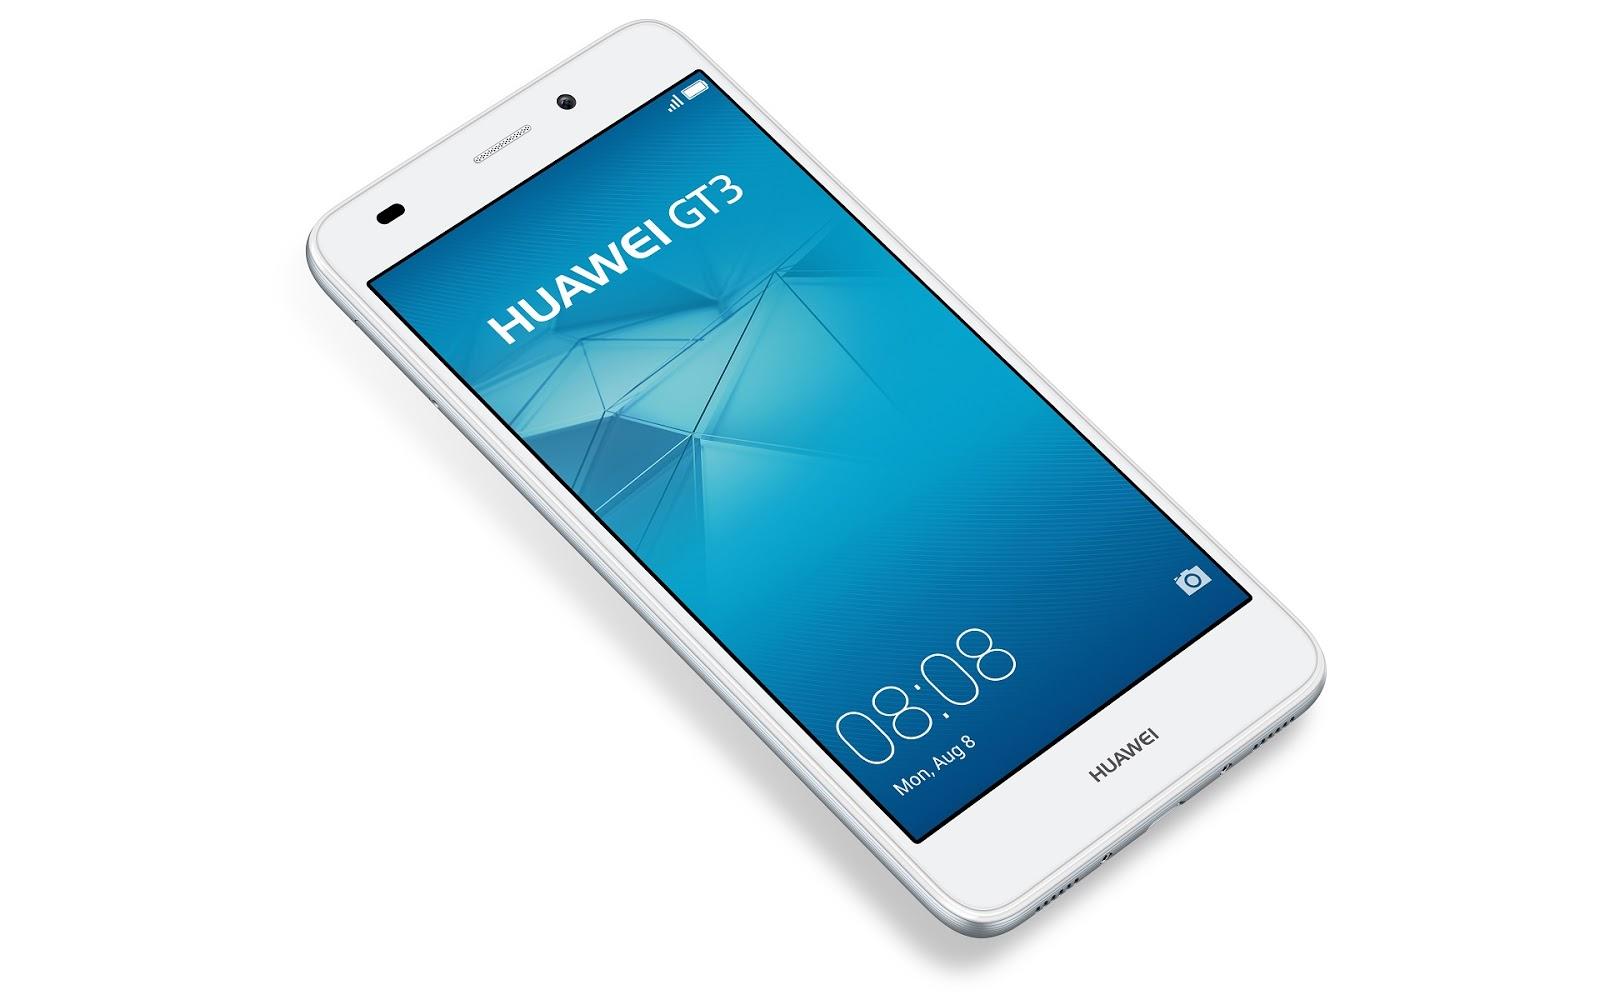 Huawei GT3 come aumentare durata batteria e autonomia